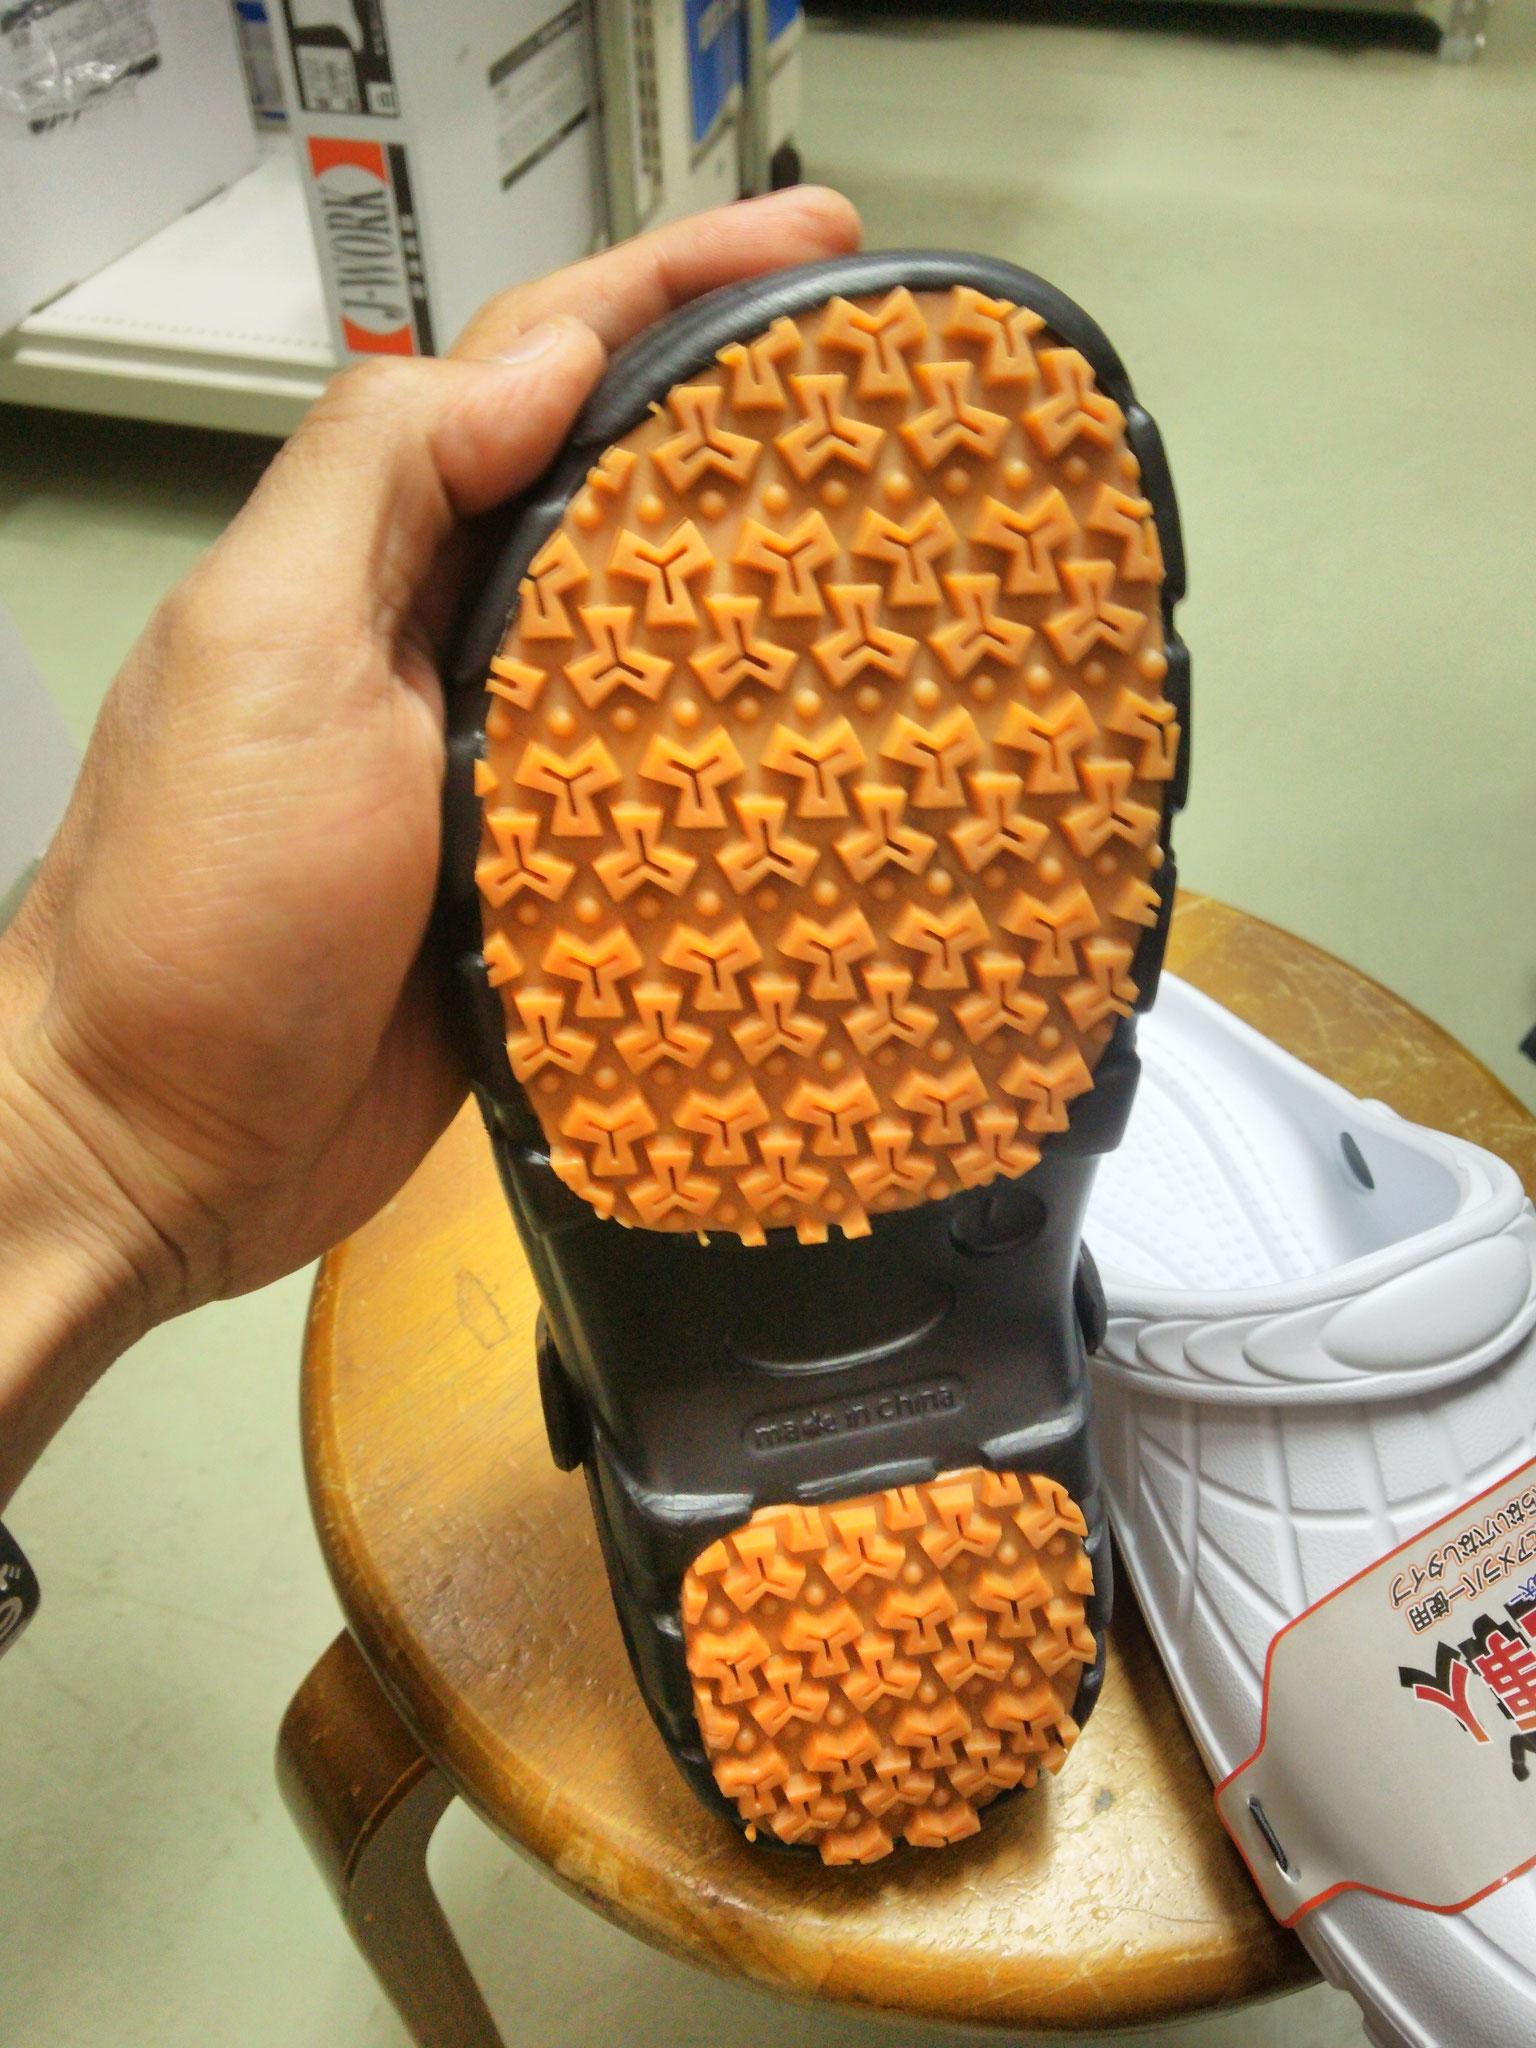 厨房靴 カルカル仕事人 ¥1,990(税込)ソールは、アメ底ソールで滑りにくい構造になっています。